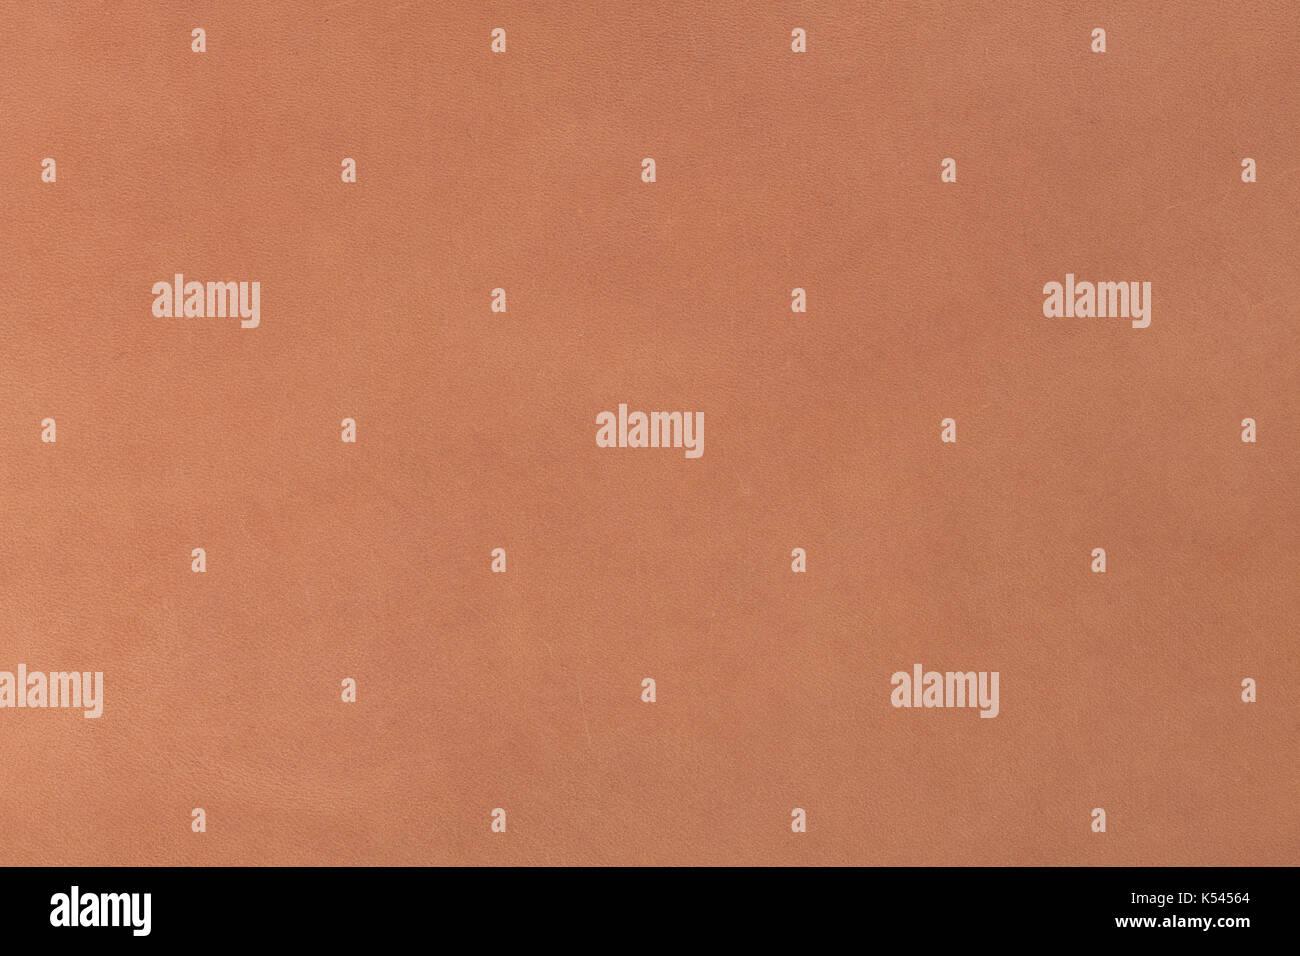 Texture de cuir brun naturel de luxe. Photo haute résolution. Banque D'Images